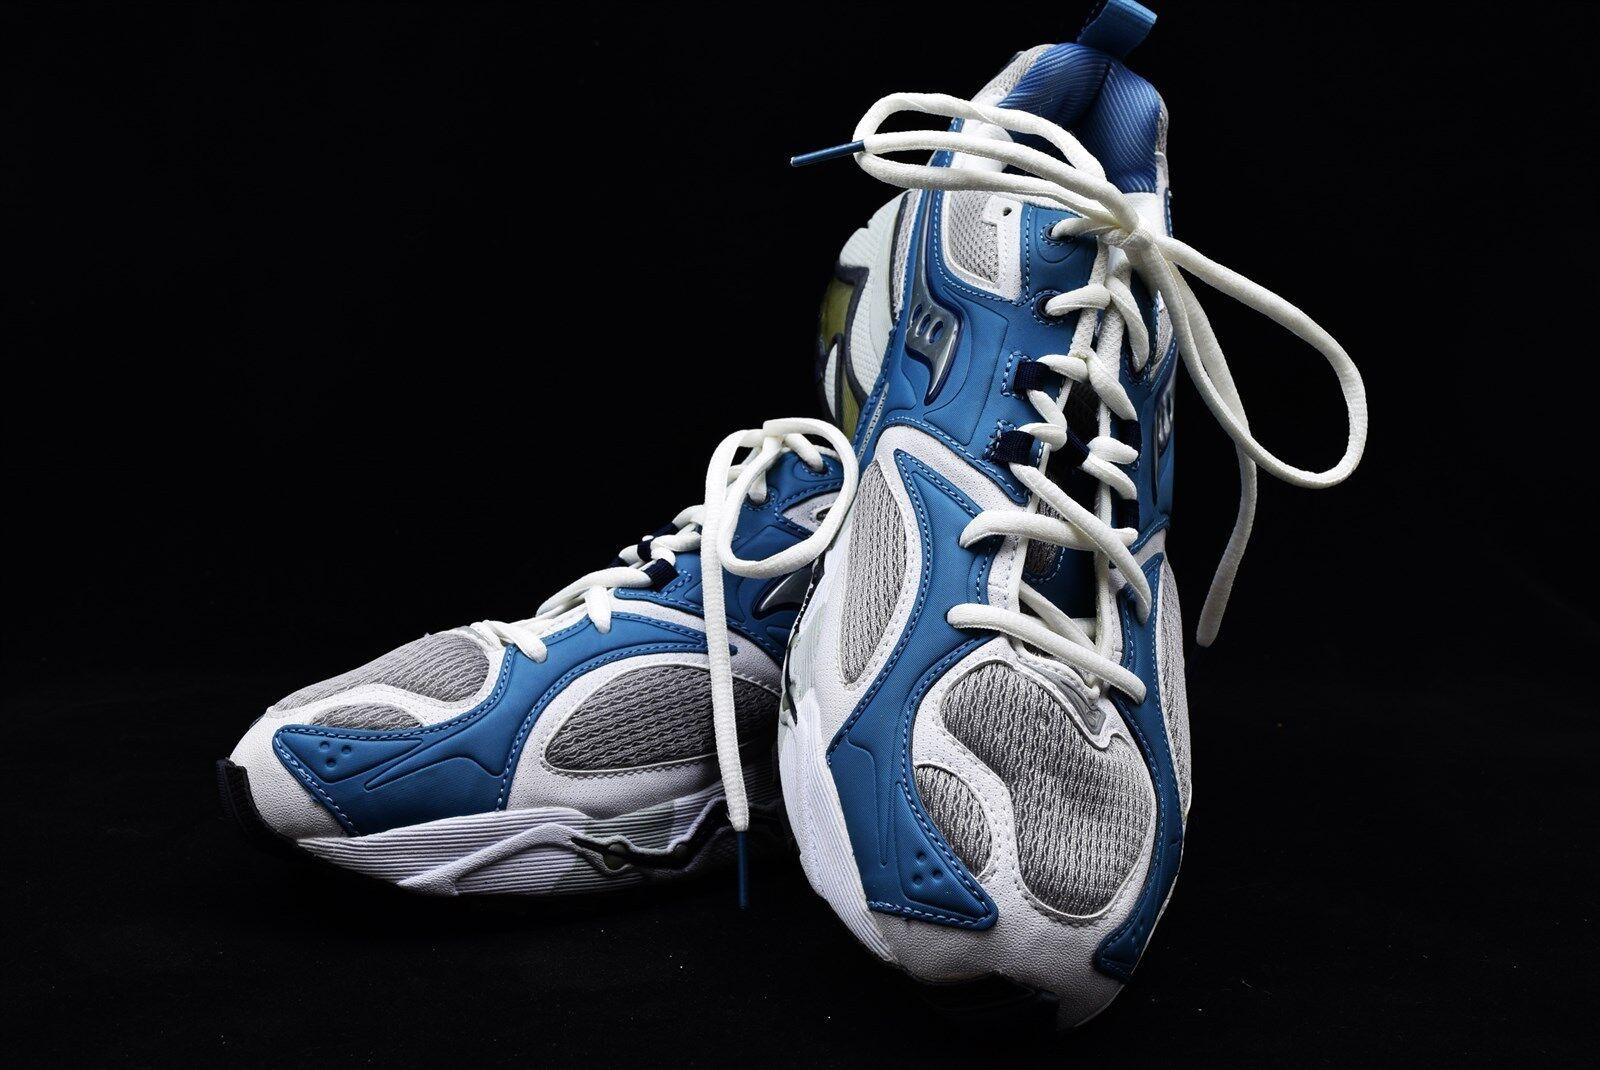 Saucony Grid estabilidad Mc Para Mujer Zapatillas Zapatillas Zapatillas gry azul navy Talla 6.5  promociones de descuento